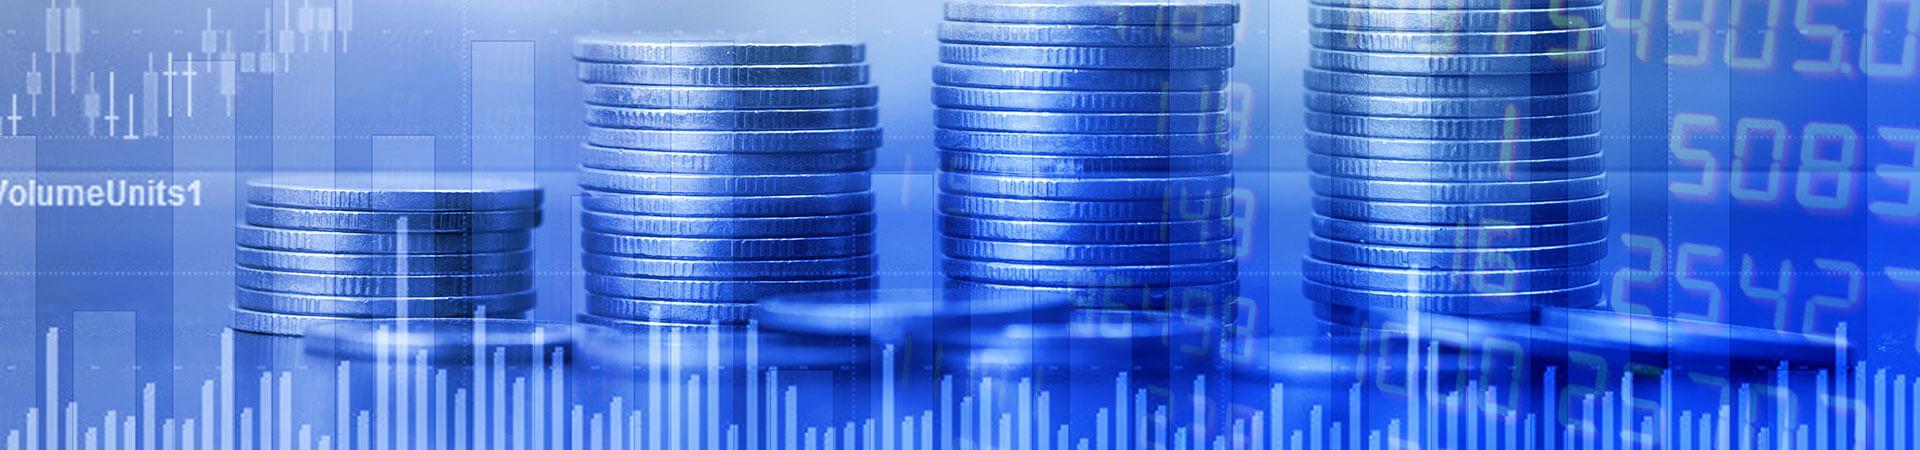 industries_finance_header_interior_desktop-1